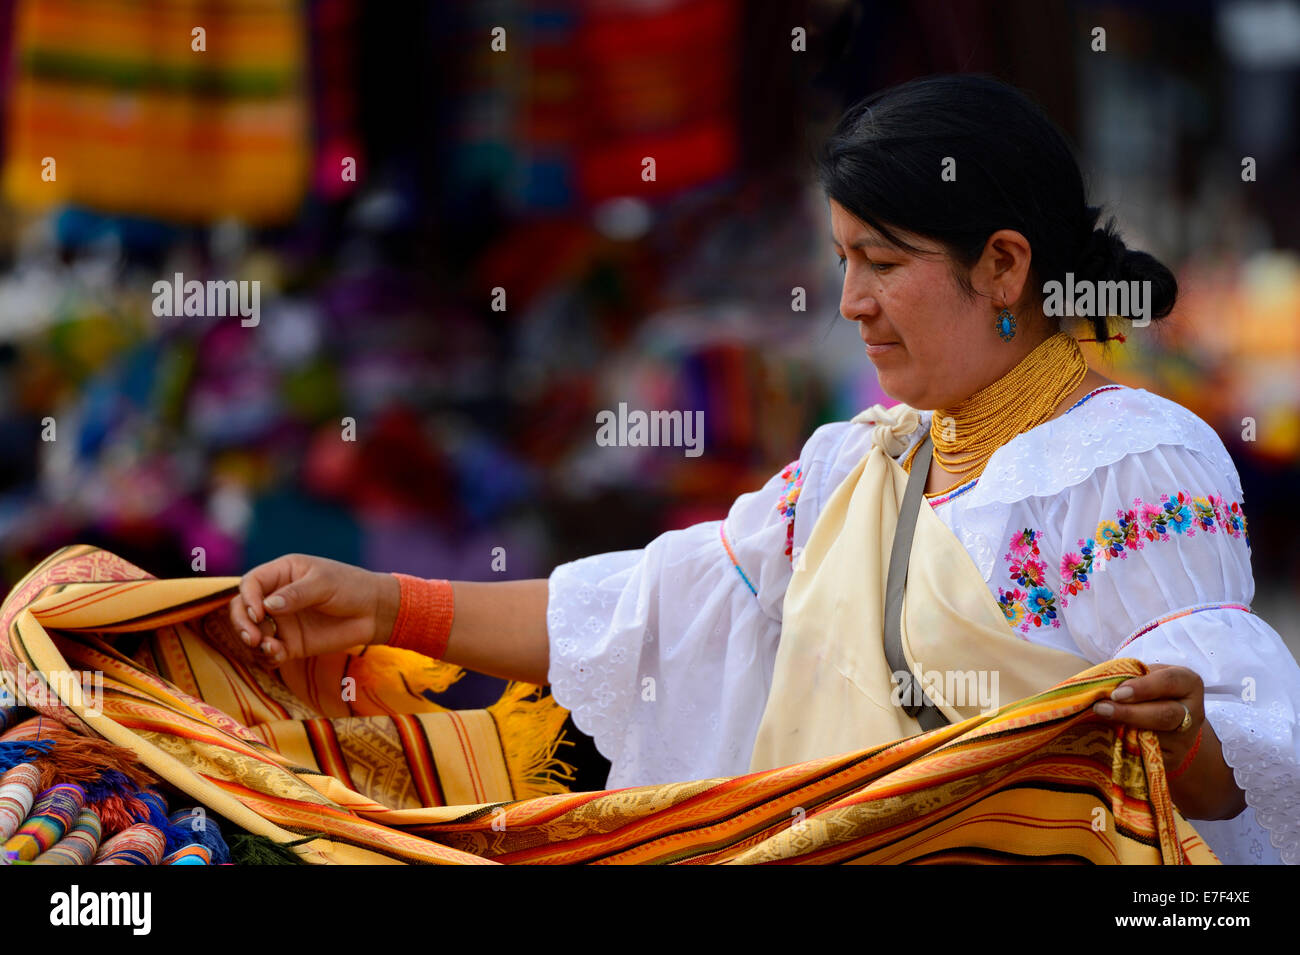 Donna di mercato la vendita di tessuti, Quito, Ecuador, Sud America Immagini Stock